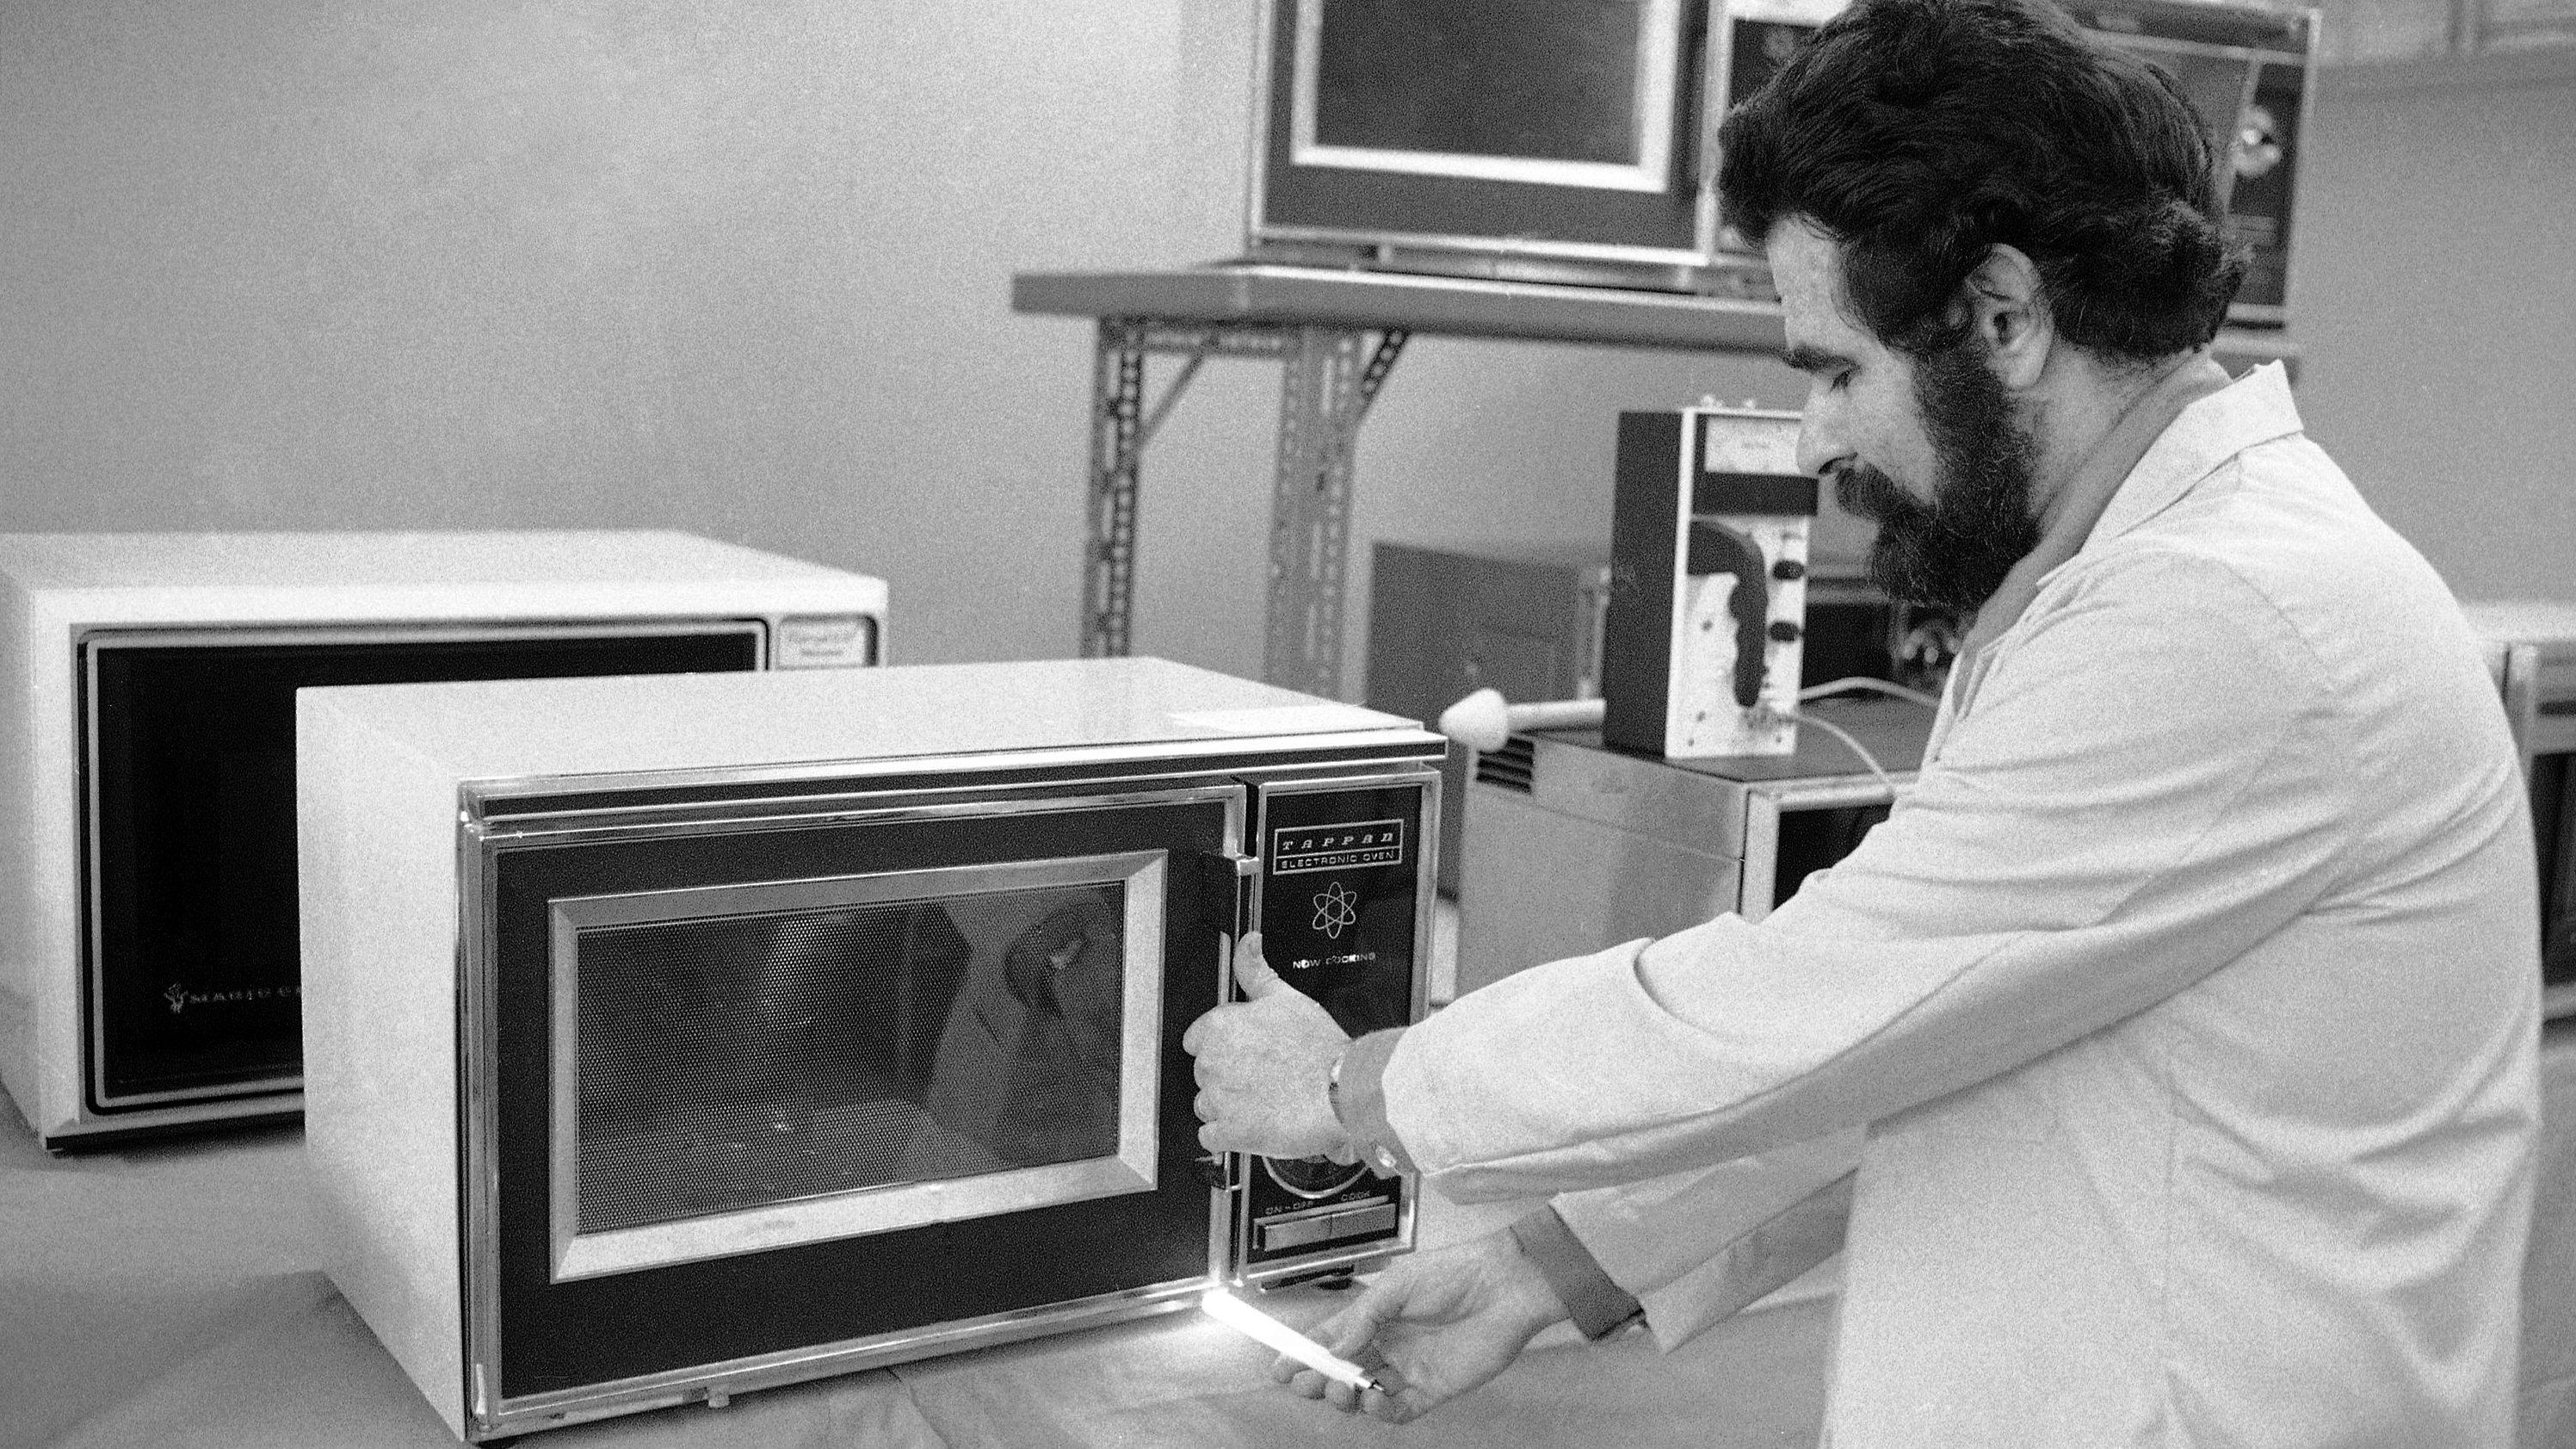 A Better Microwave Built Using Semiconductors Quartz